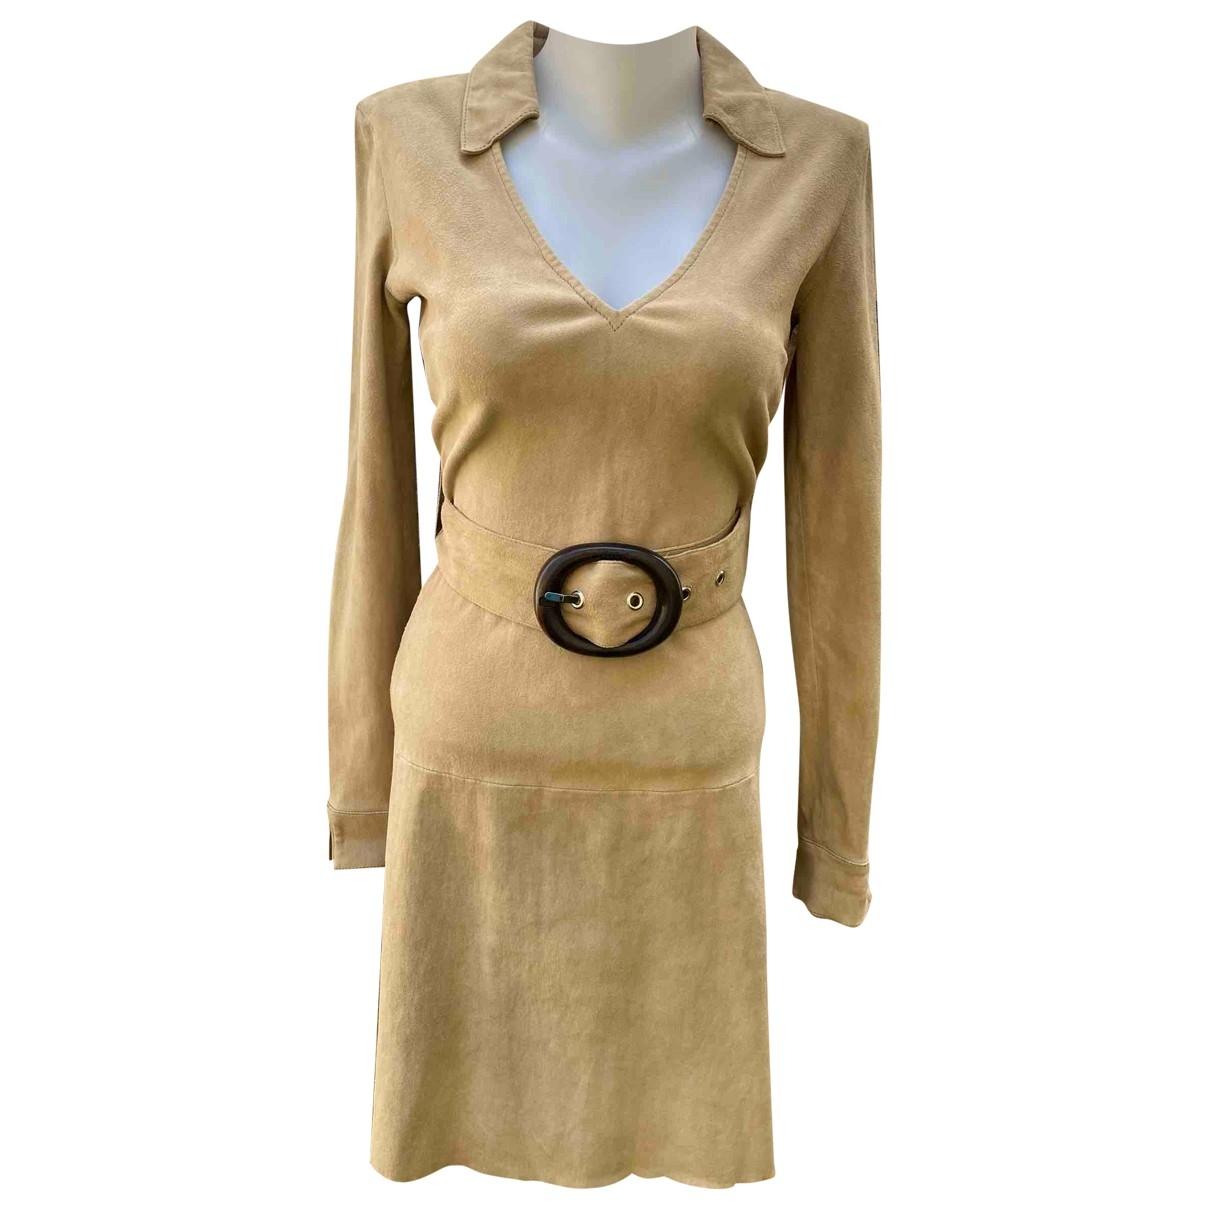 Jitrois \N Beige Suede dress for Women 38 FR